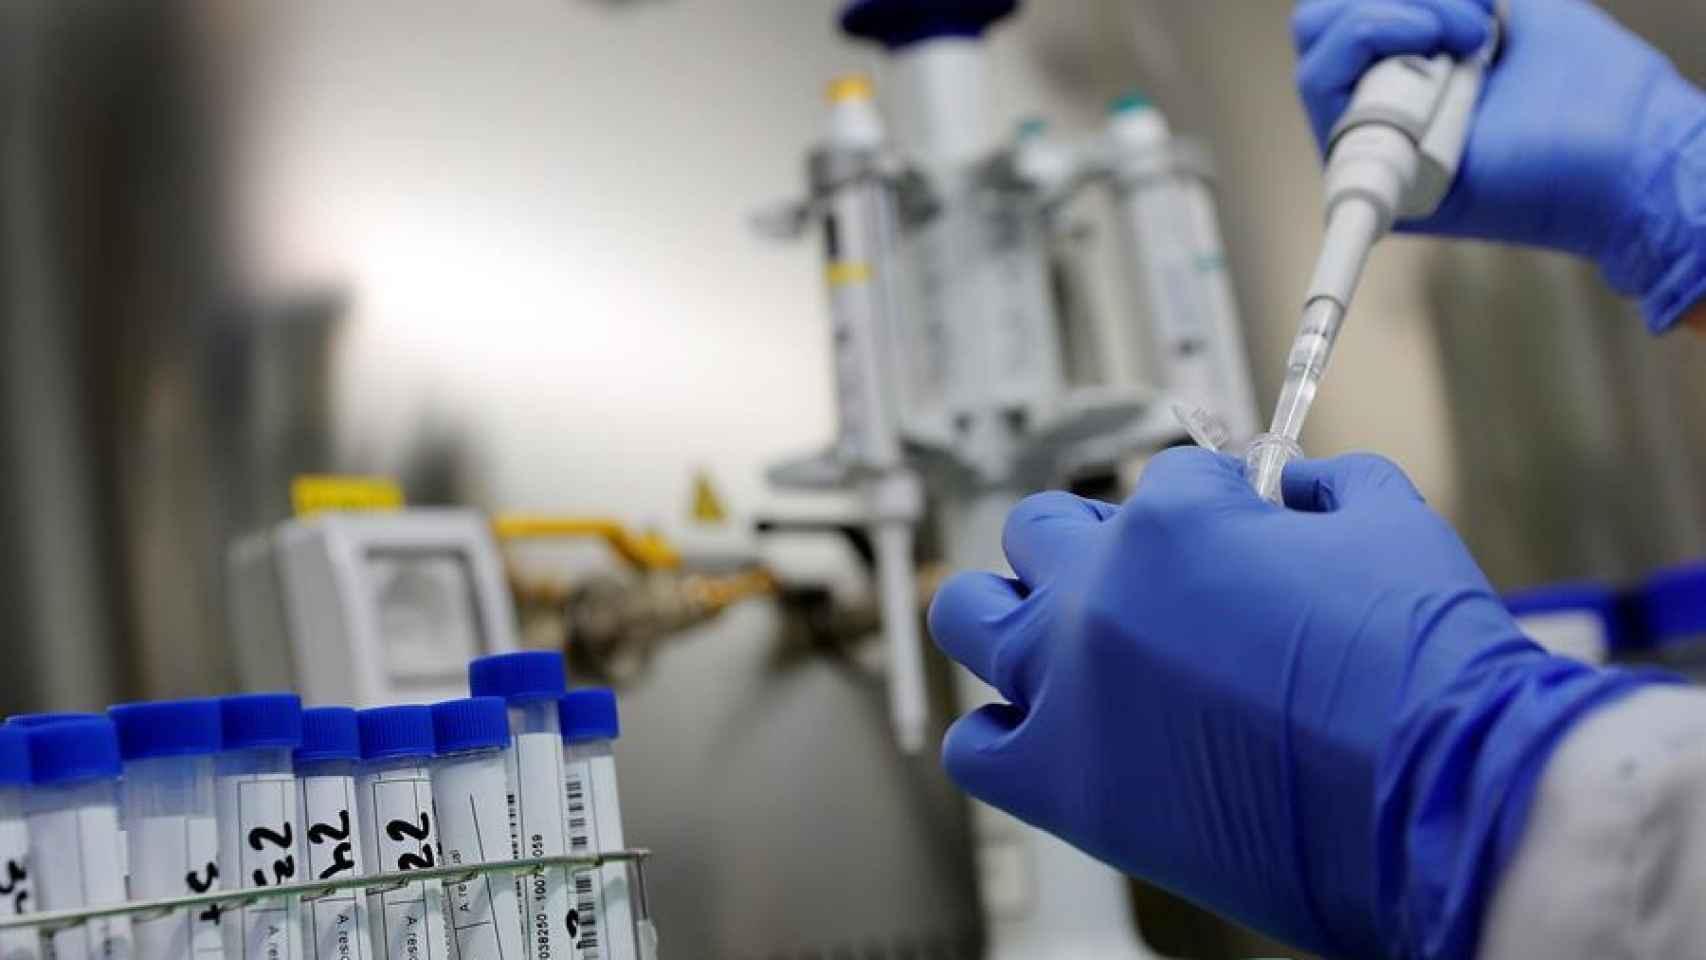 Sanidad registrará los datos personales de quienes rechacen la vacuna contra la Covid